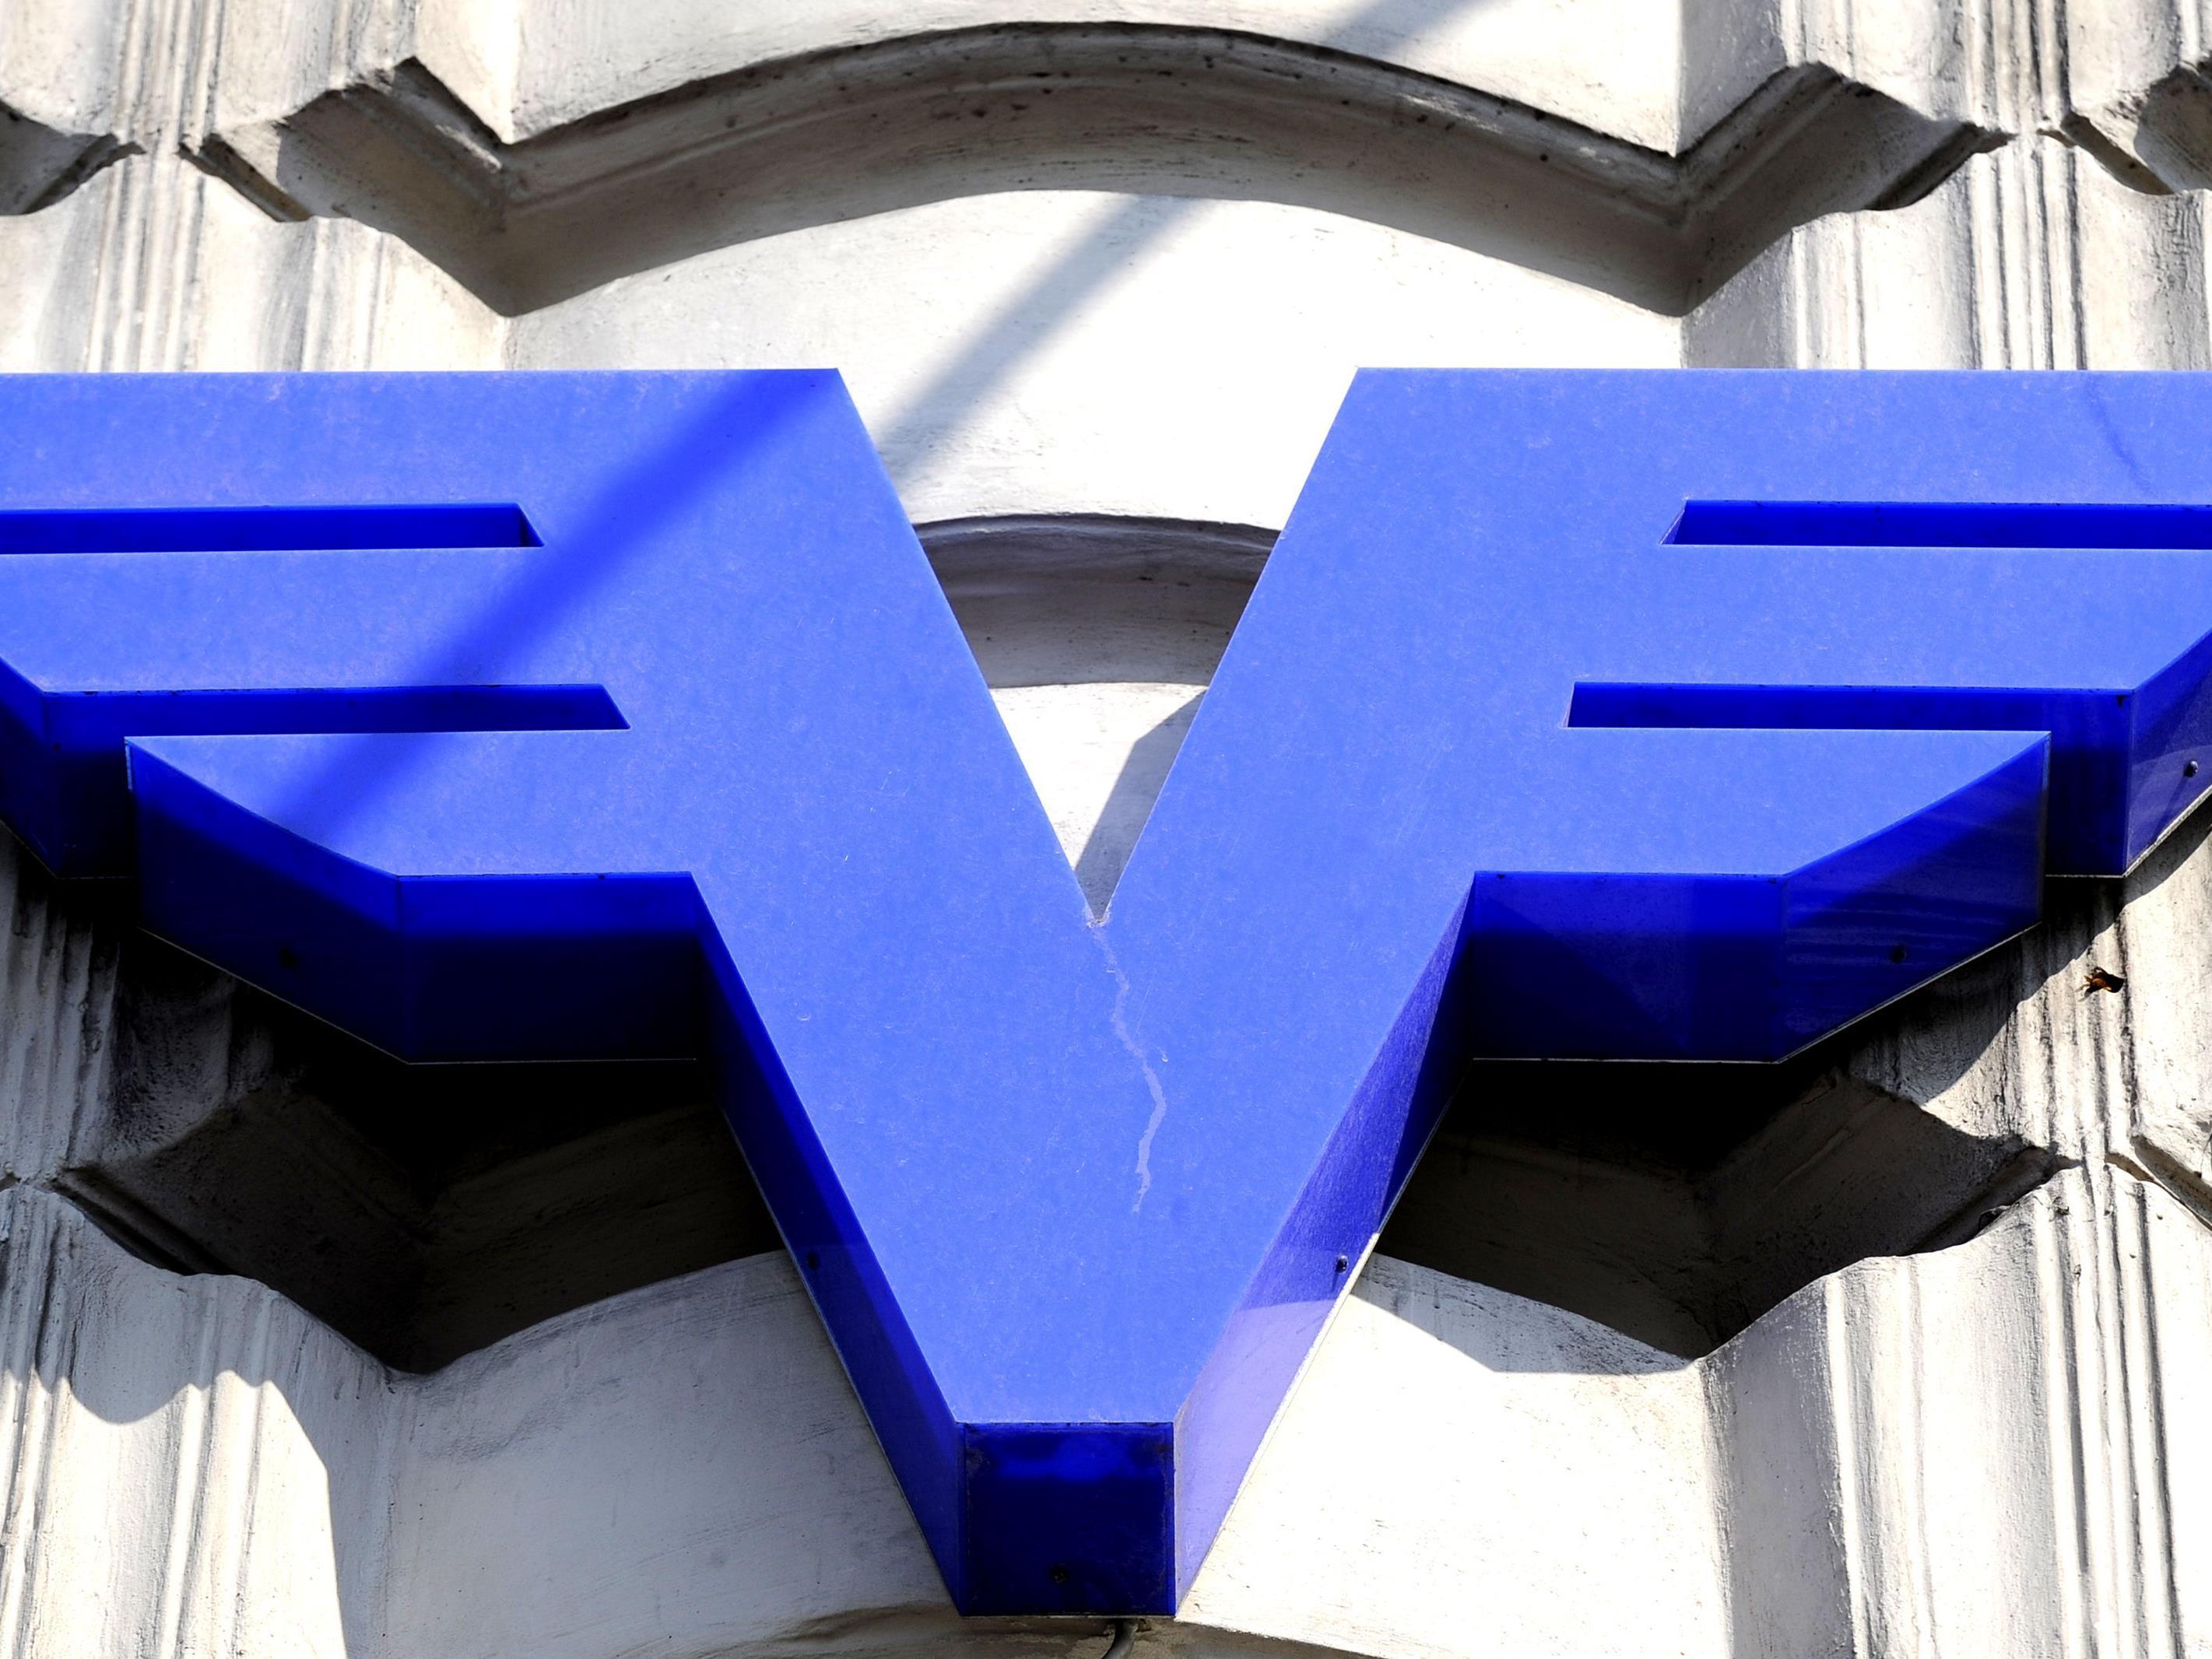 Volksbank Vorarlberg: EGT stieg auf 5,2 Mio. Euro (3. Quartal 2012: 364.000 Euro)